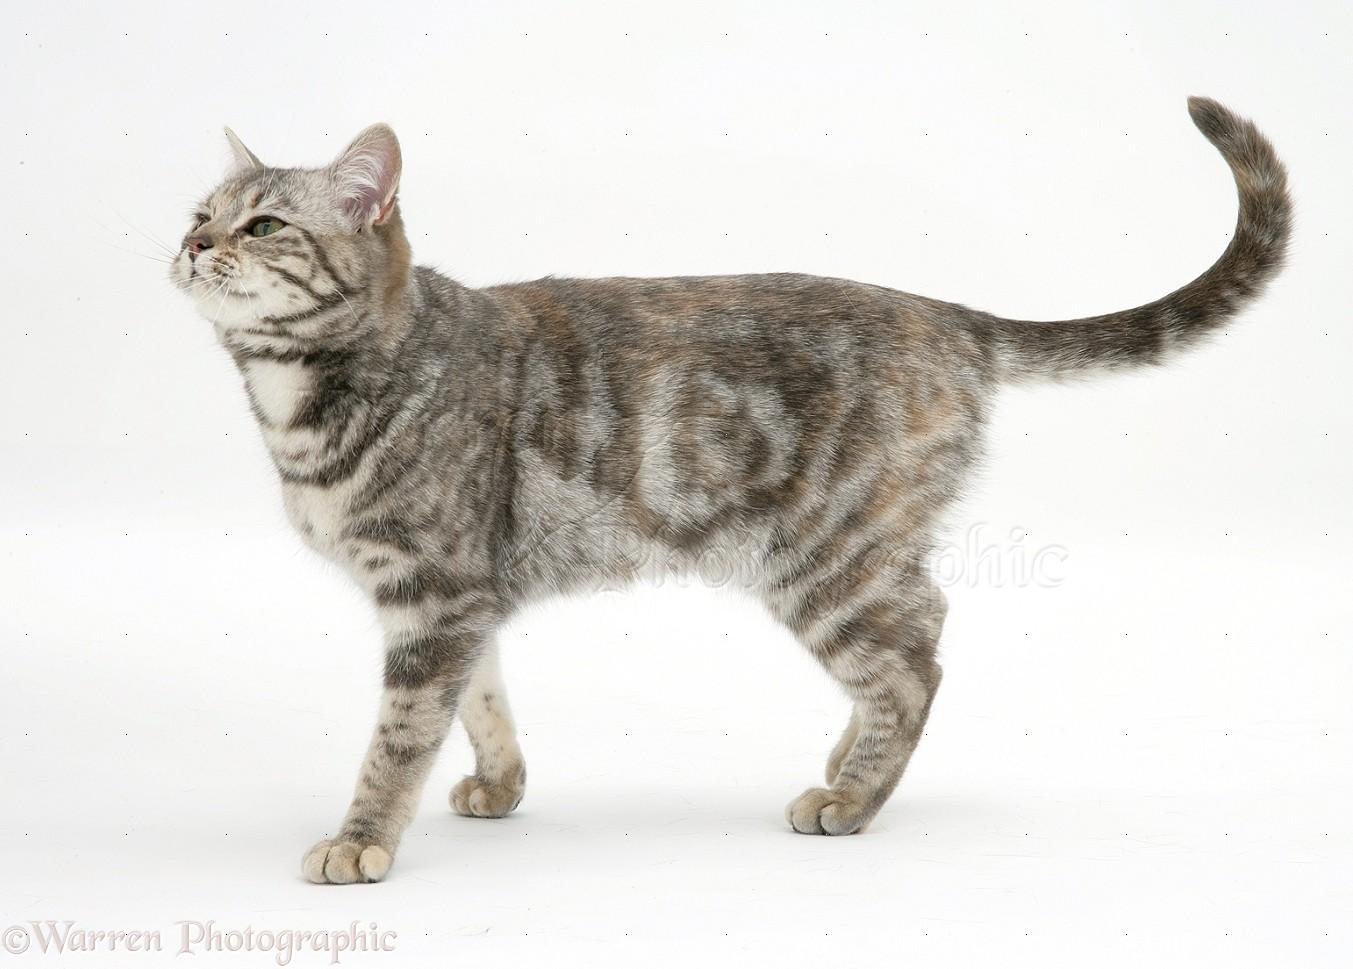 tabby cat walking photo wp18386